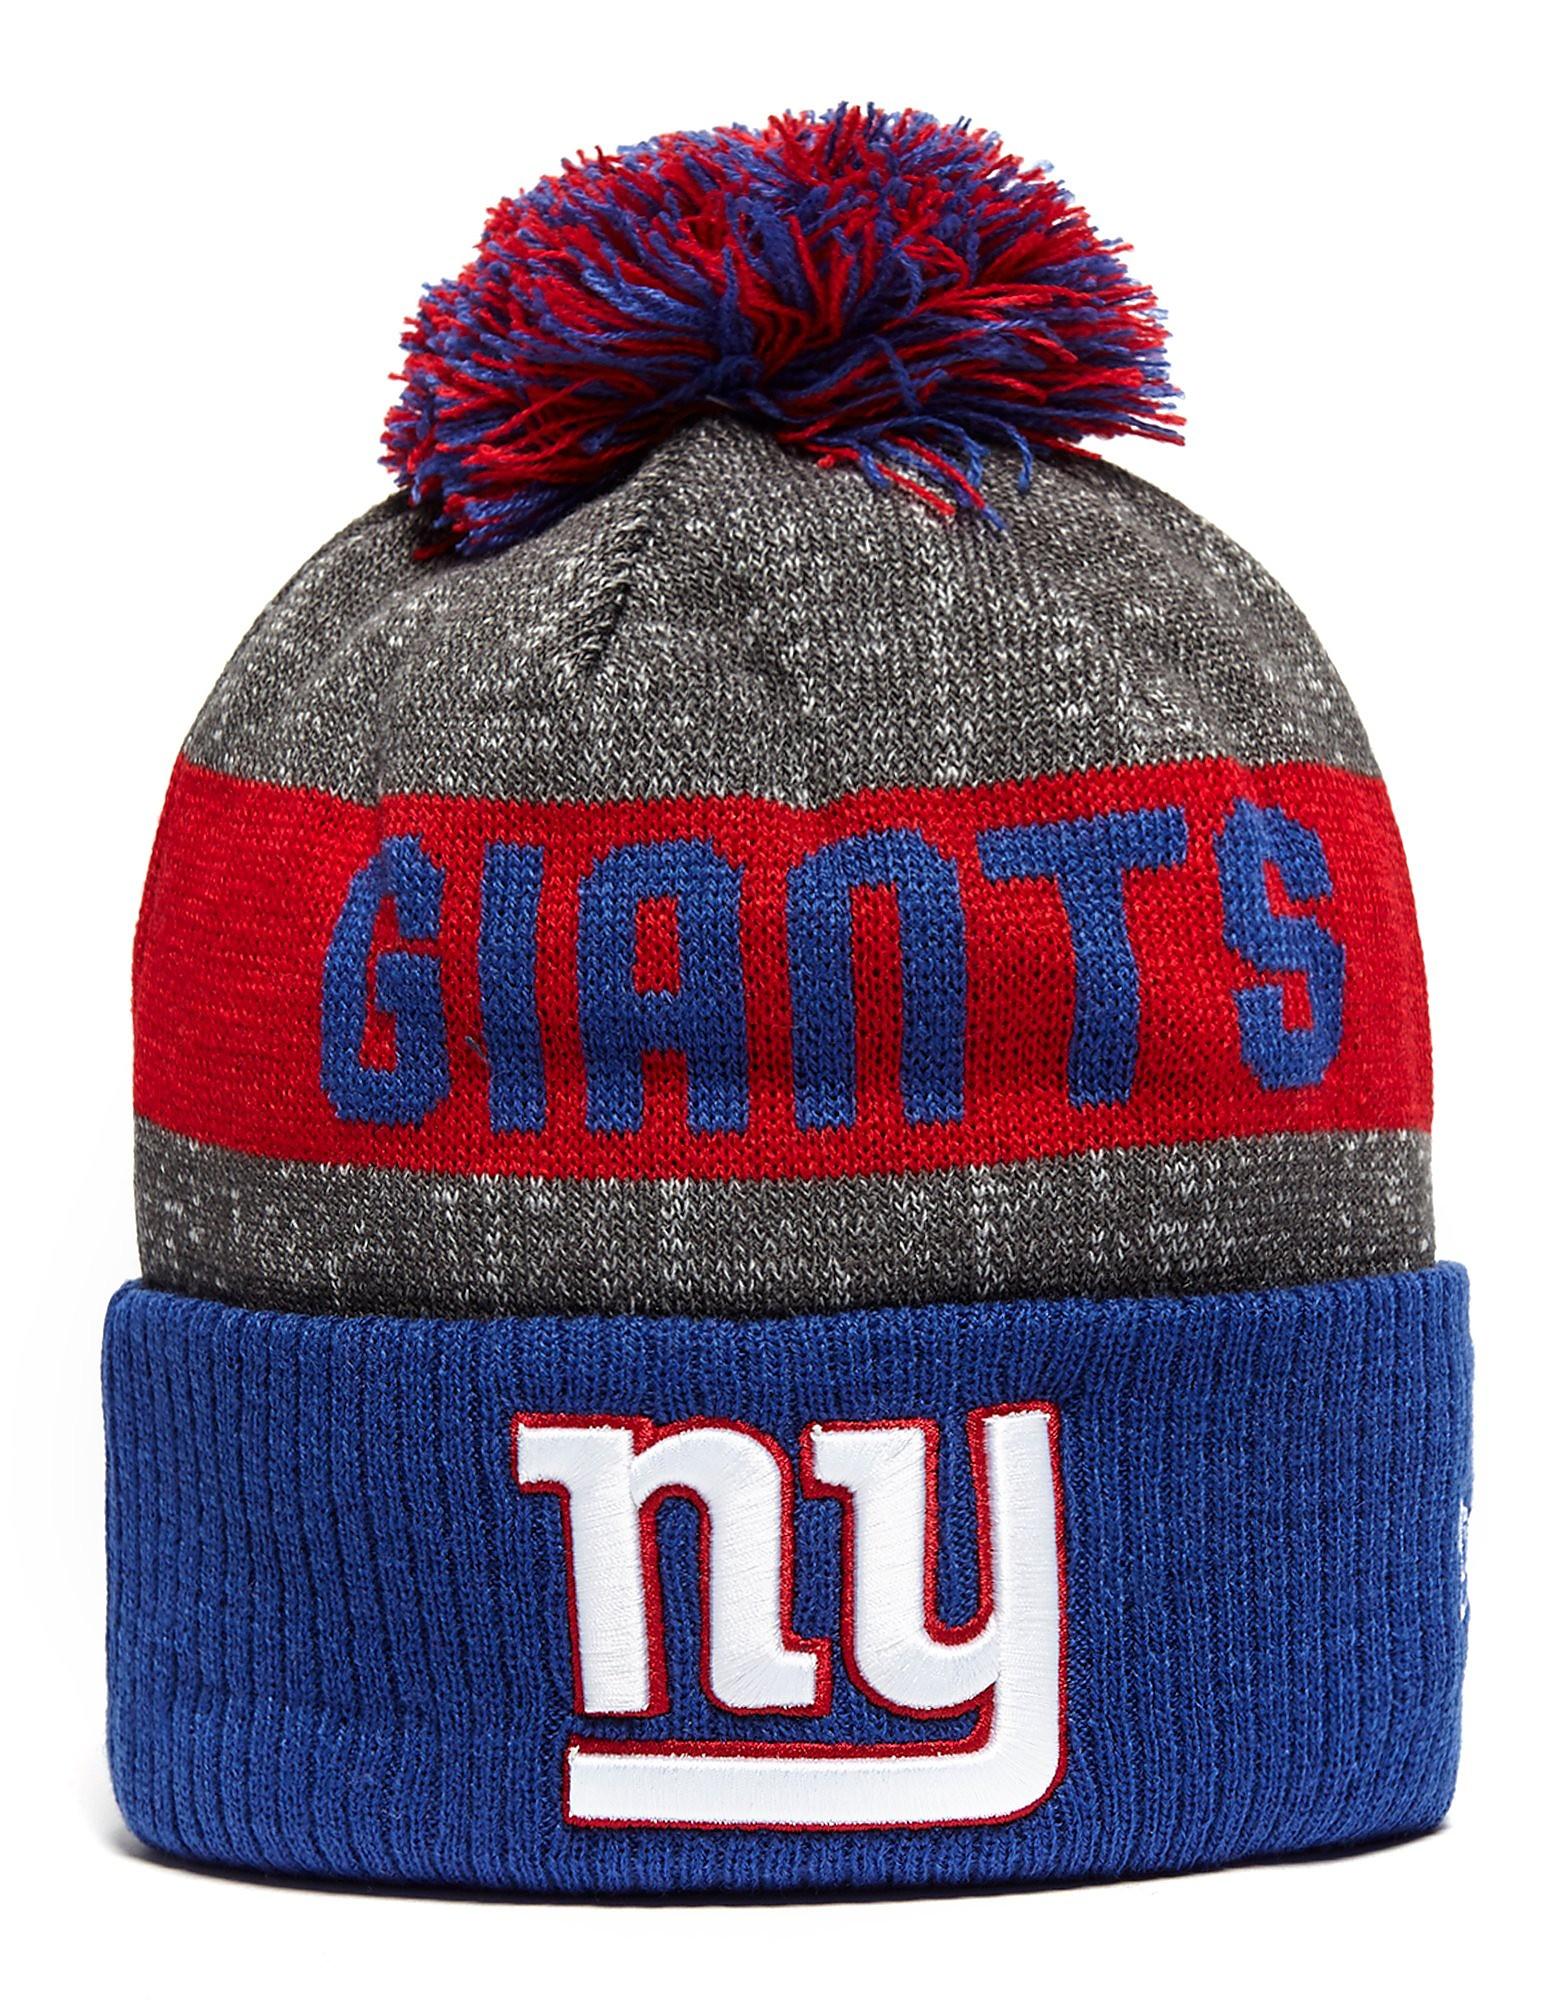 New Era NFL New York Giants Pom Beanie